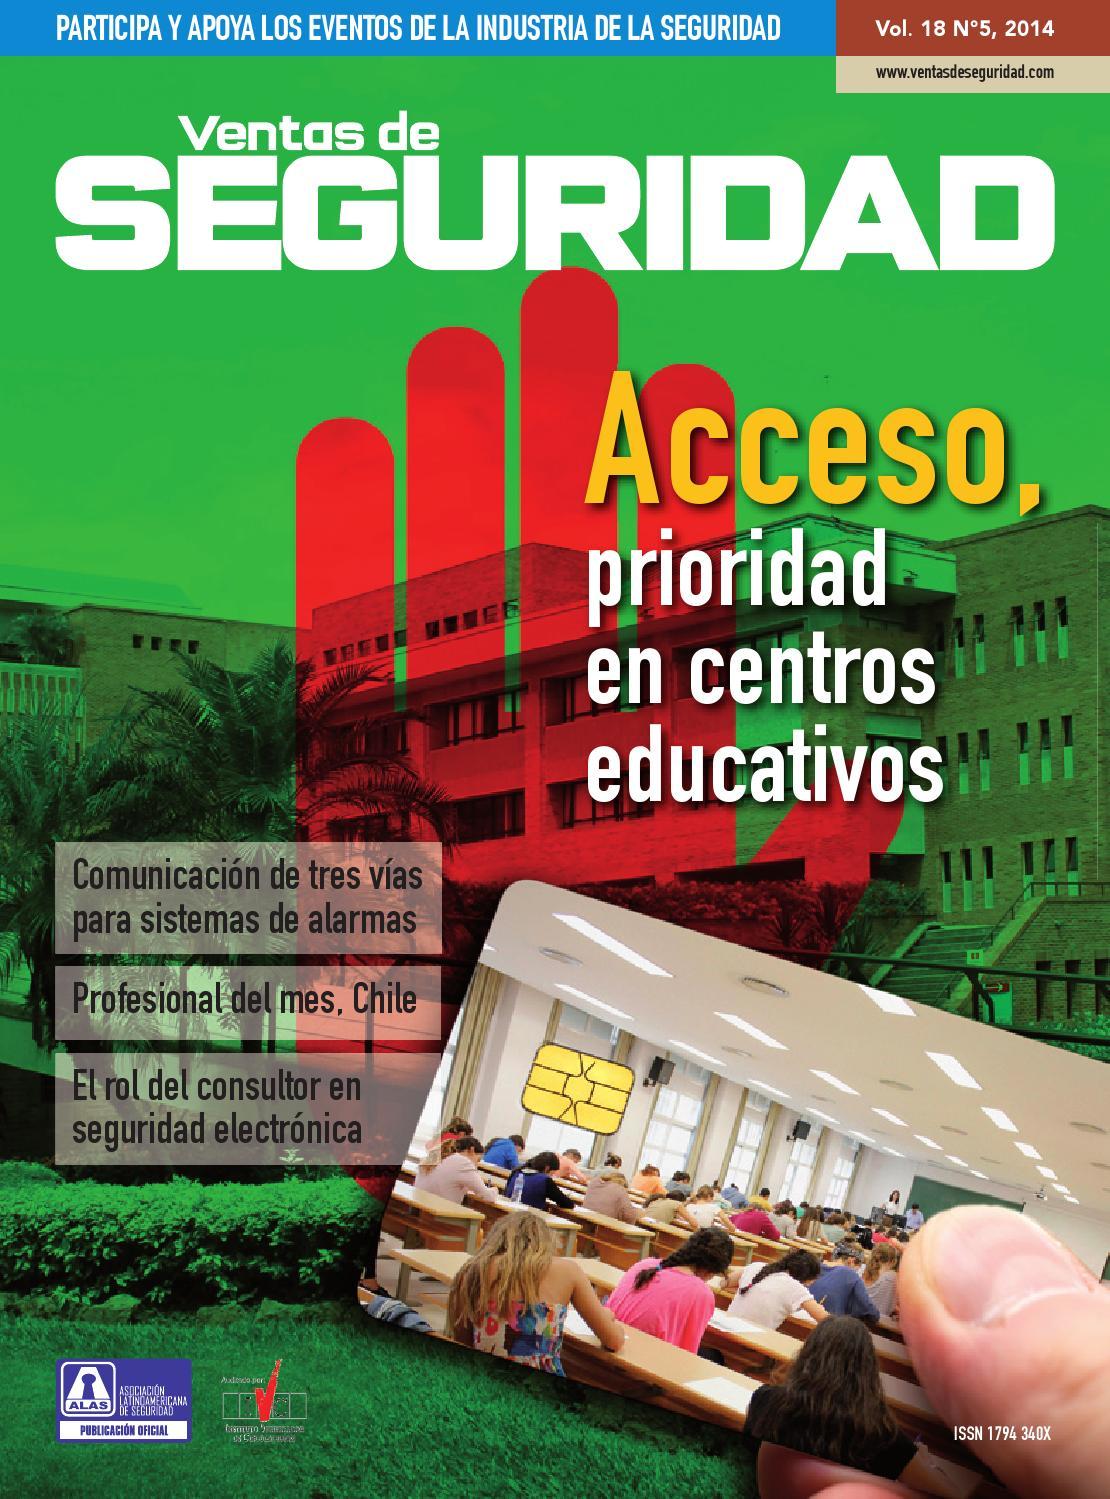 VENTAS DE SEGURIDAD 18-5 by Latin Press, Inc. - issuu